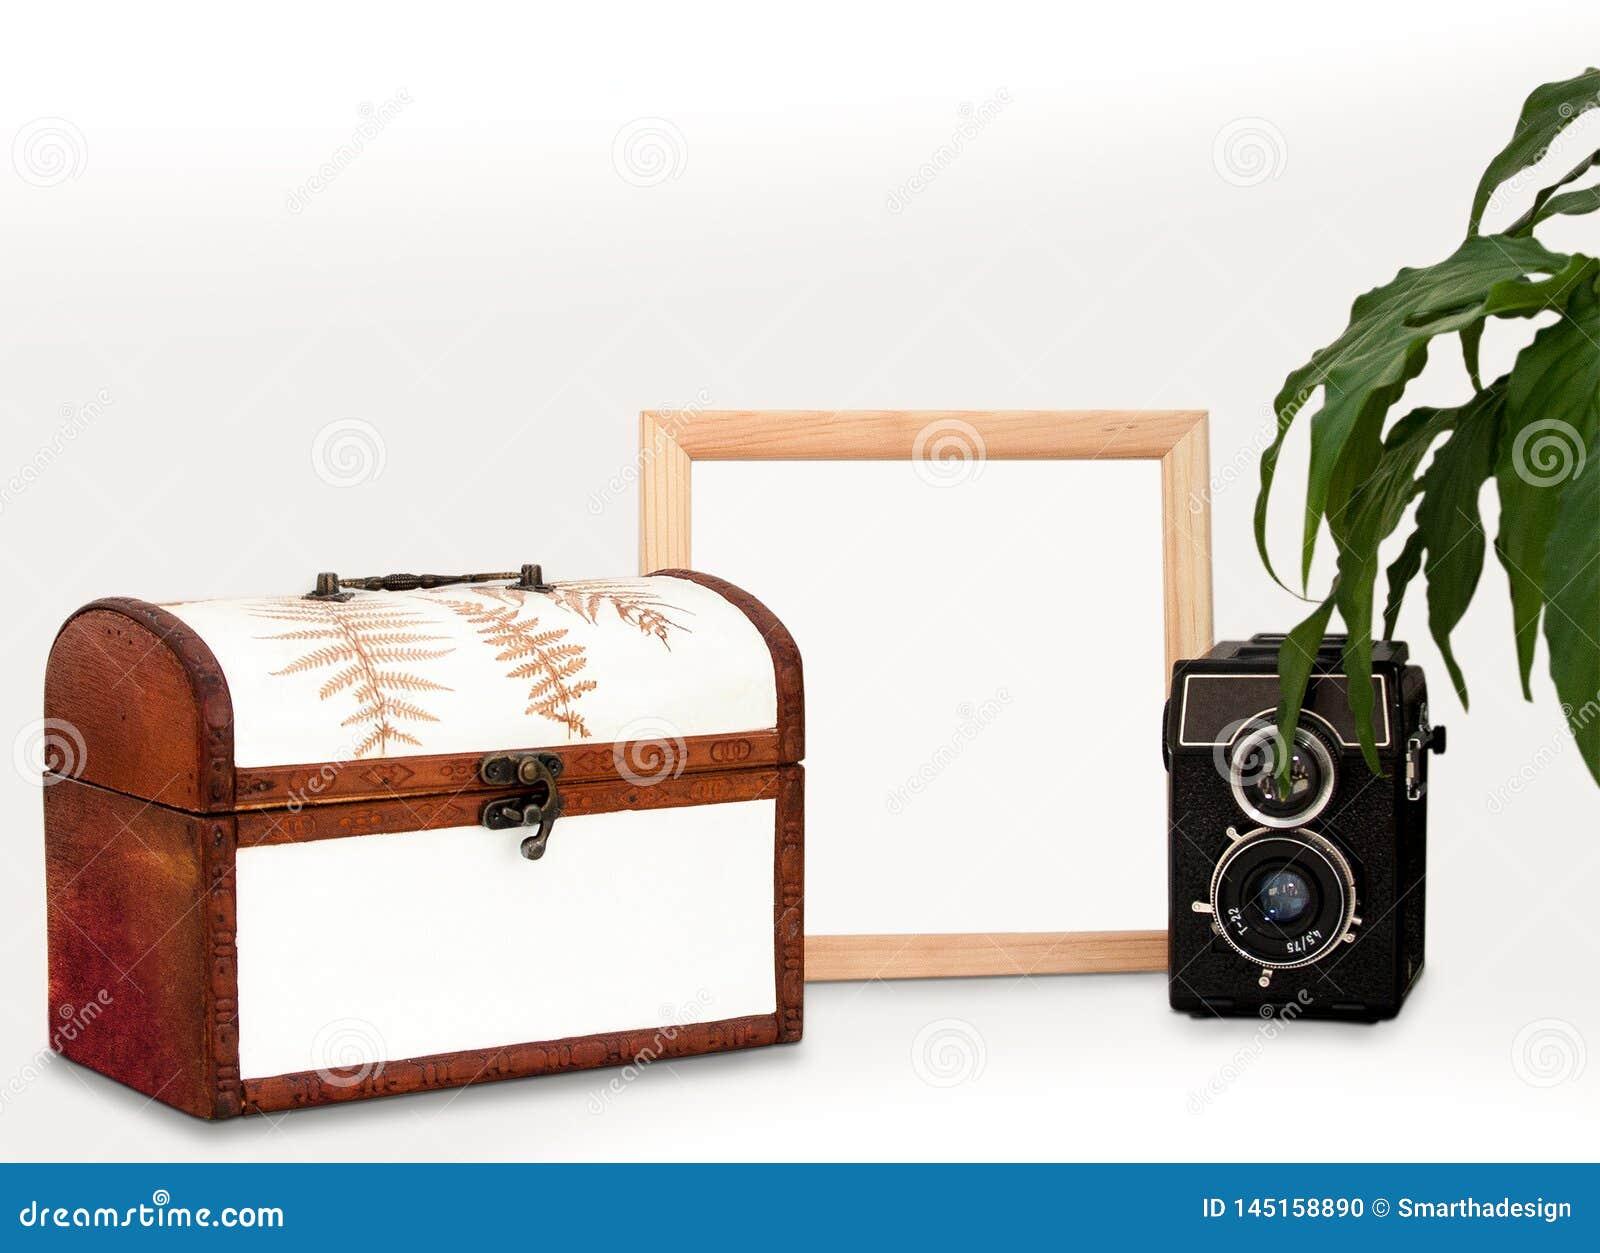 Imite encima de marco de madera, de maqueta cuadrada casera interior vieja del cartel de la cámara, de la planta y del pecho con